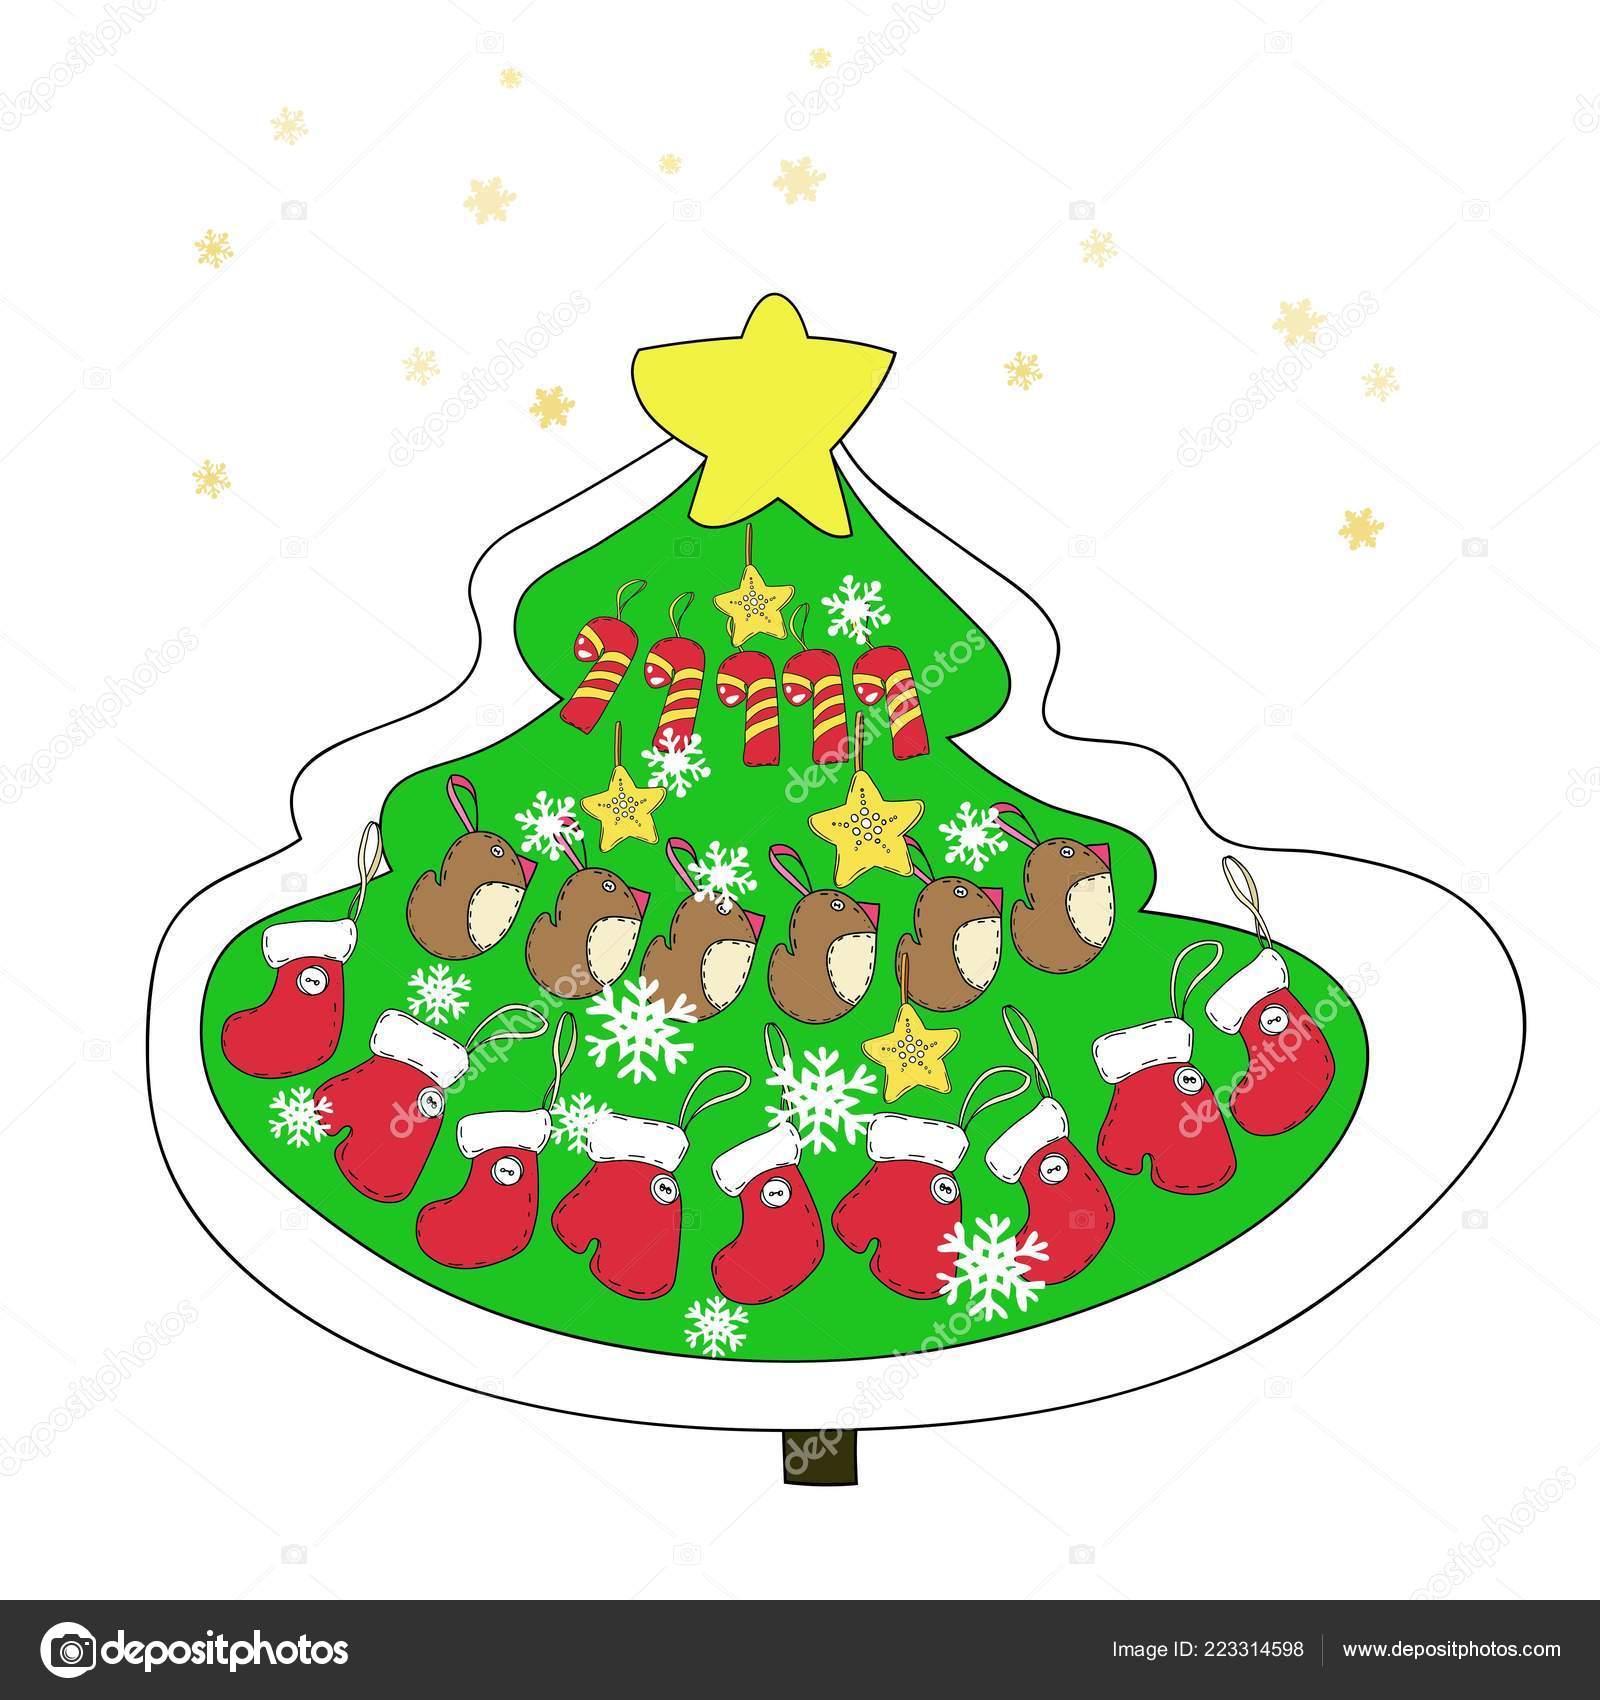 Disegni Di Natale Vettoriali.Disegni Decorazioni Natalizie Serie Disegni Natale Capodanno